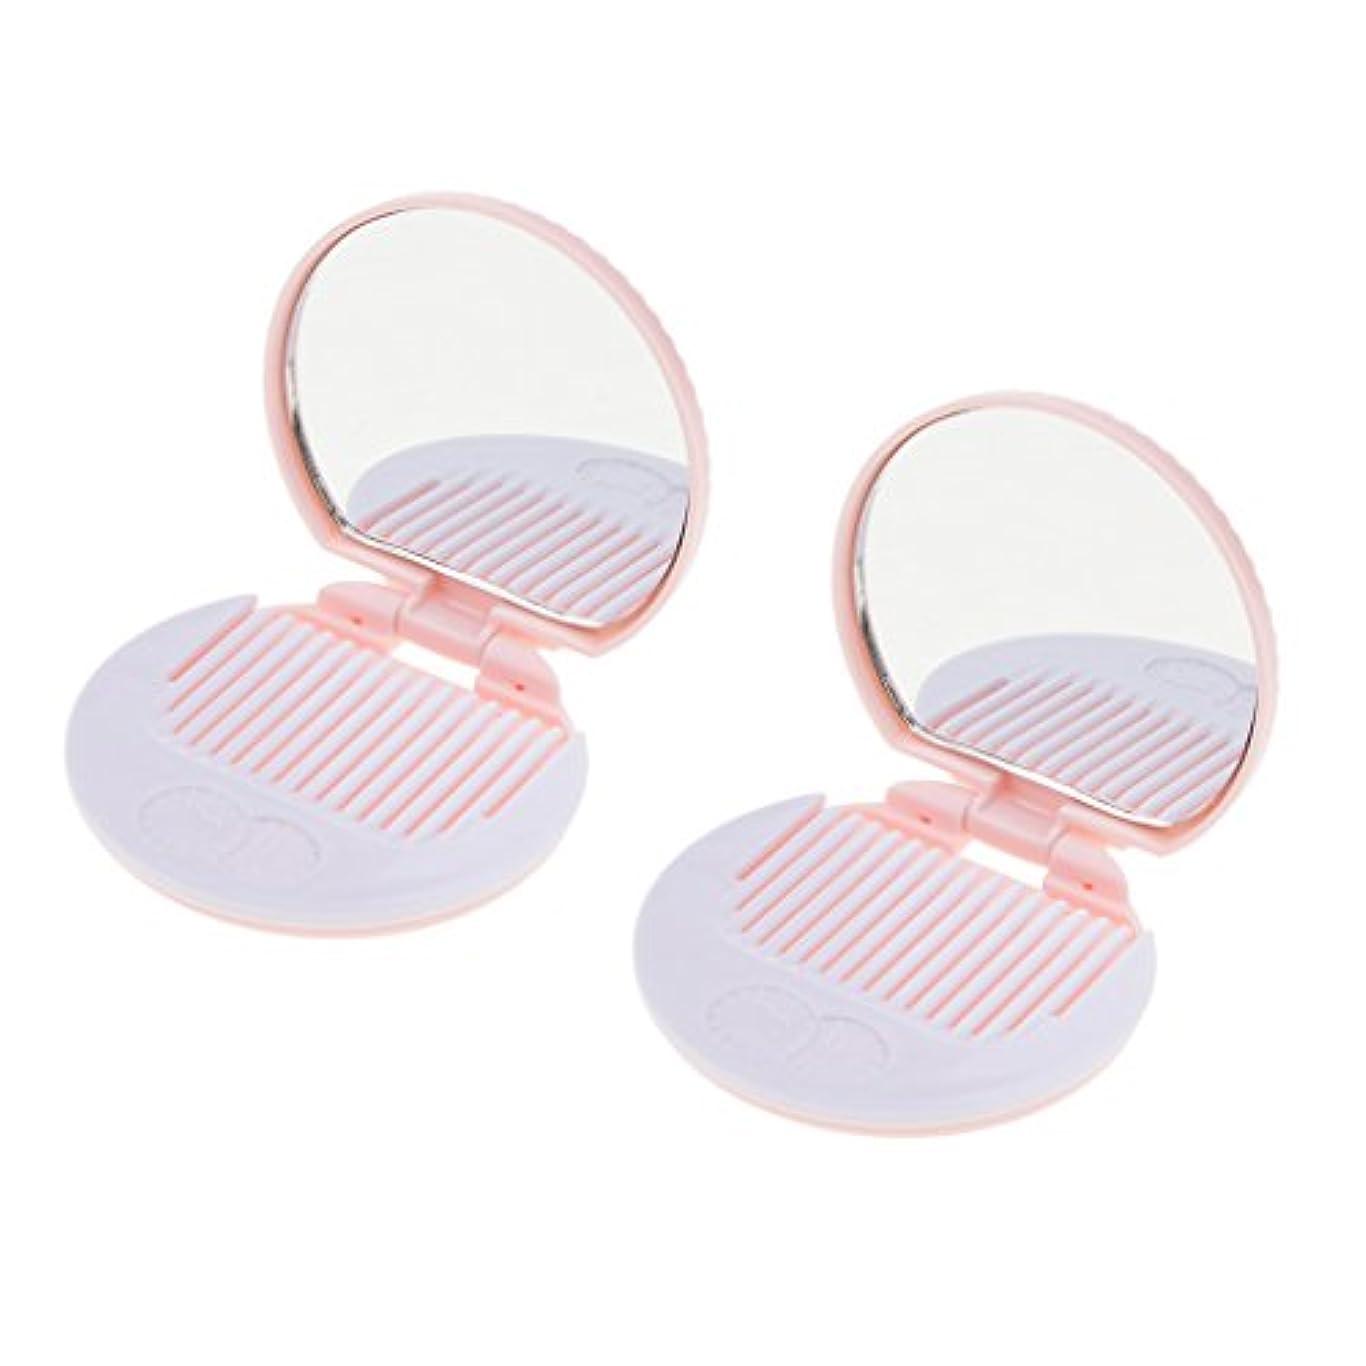 濃度クリーム小道具Perfk 2個入 メイクアップミラー ポケットサイズ 可愛い ミラー ラウンド 折りたたみ コーム 全4色   - ピンク